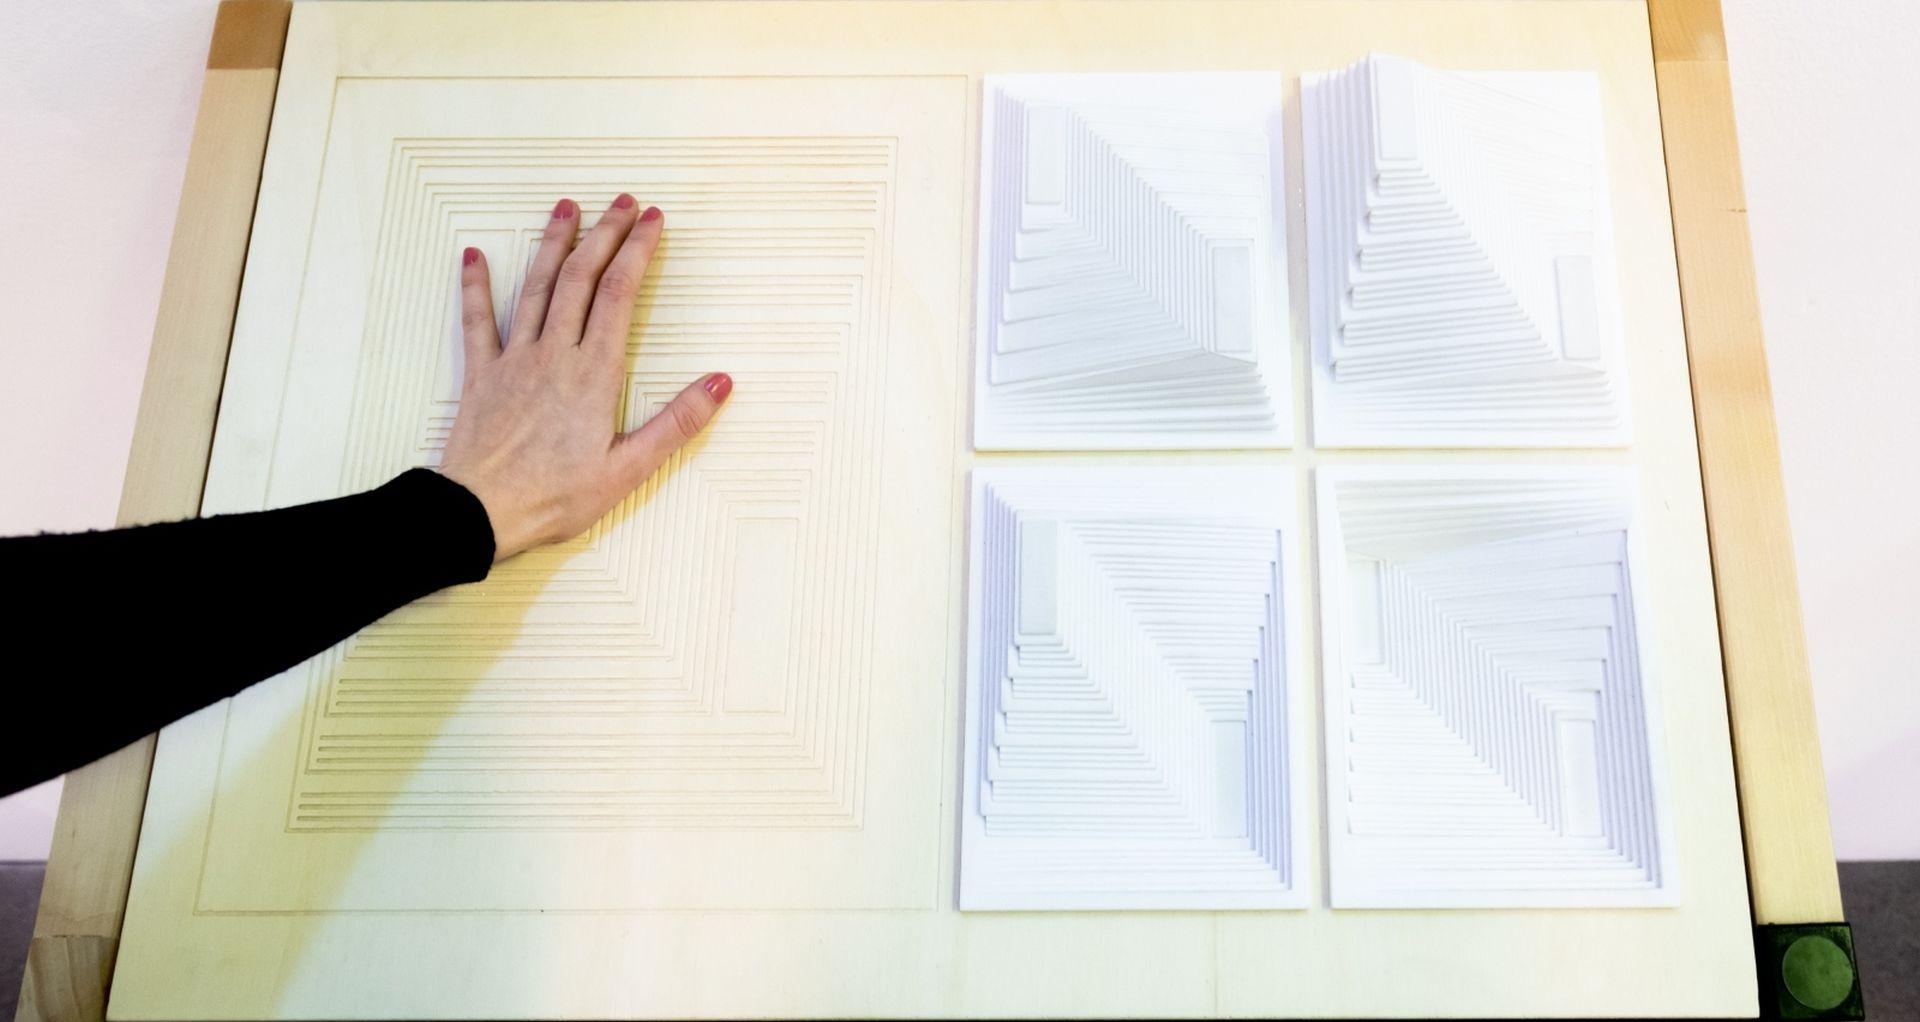 Izložba Josef i Anni Albers prilagođena za slijepe u MSU